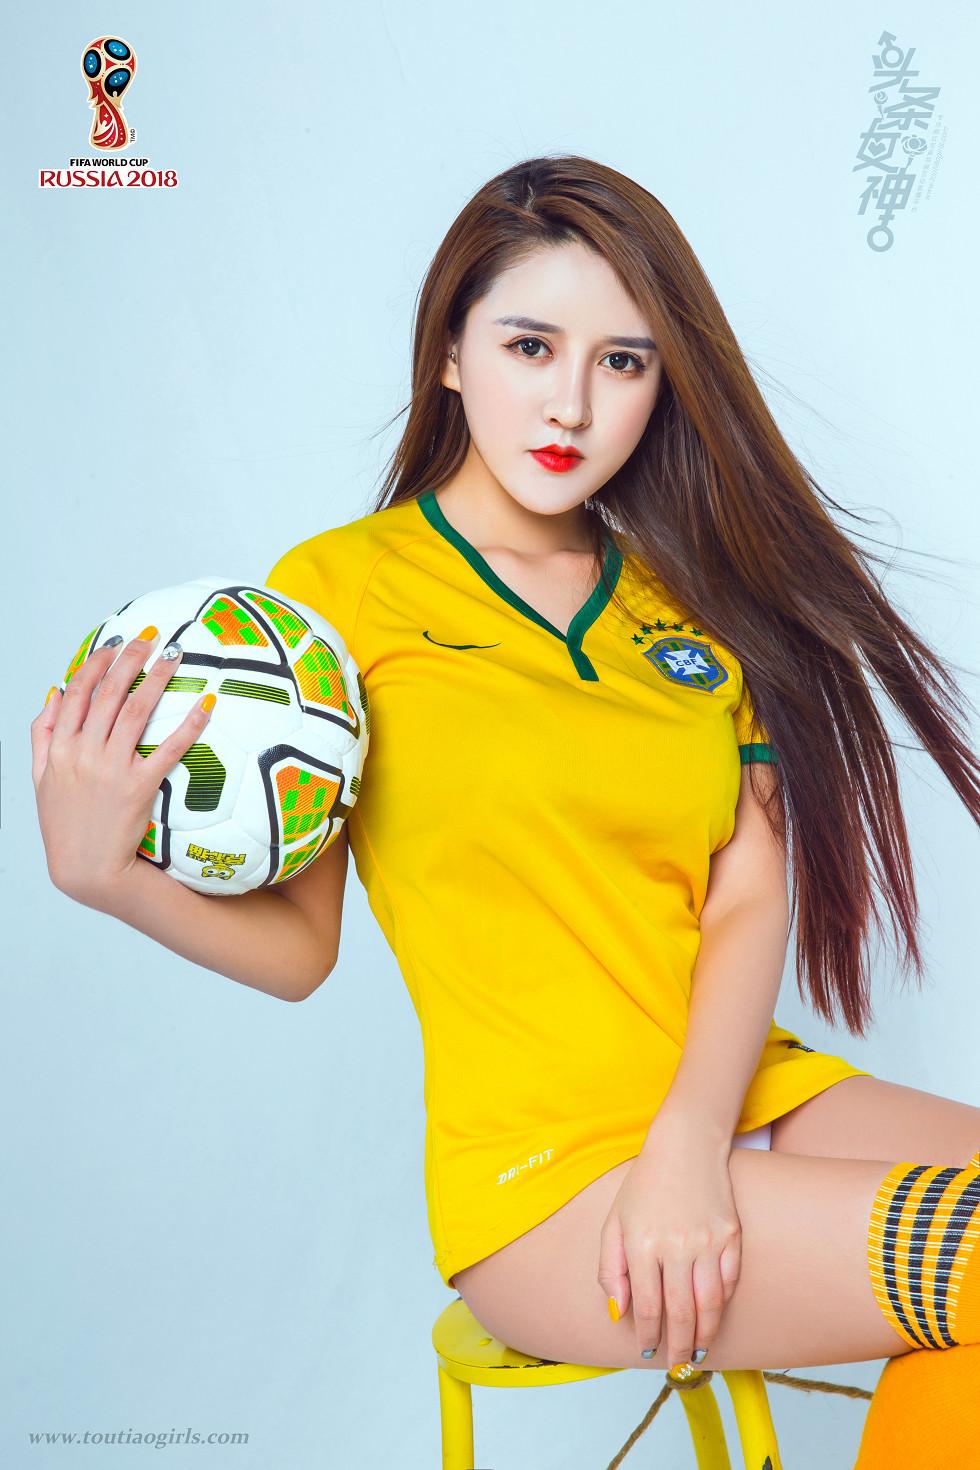 性感足球宝贝嫩模大晗撩衣露浑圆美乳撩人诱惑